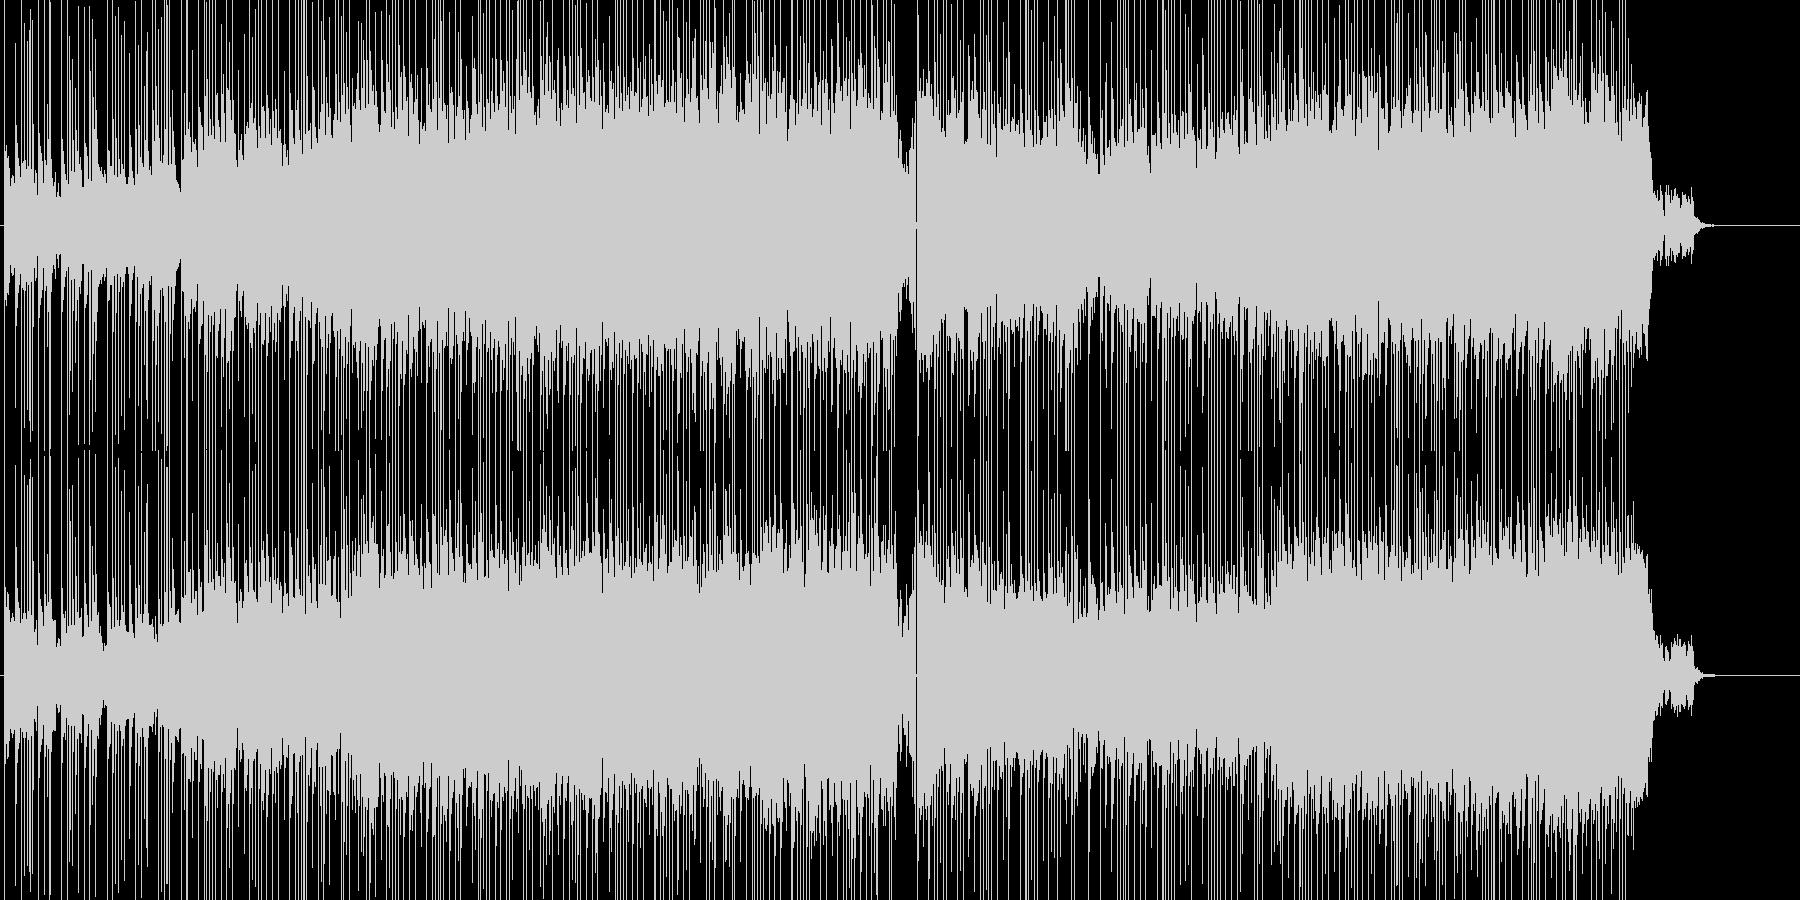 リズミカルで爽やかさのあるロックの未再生の波形